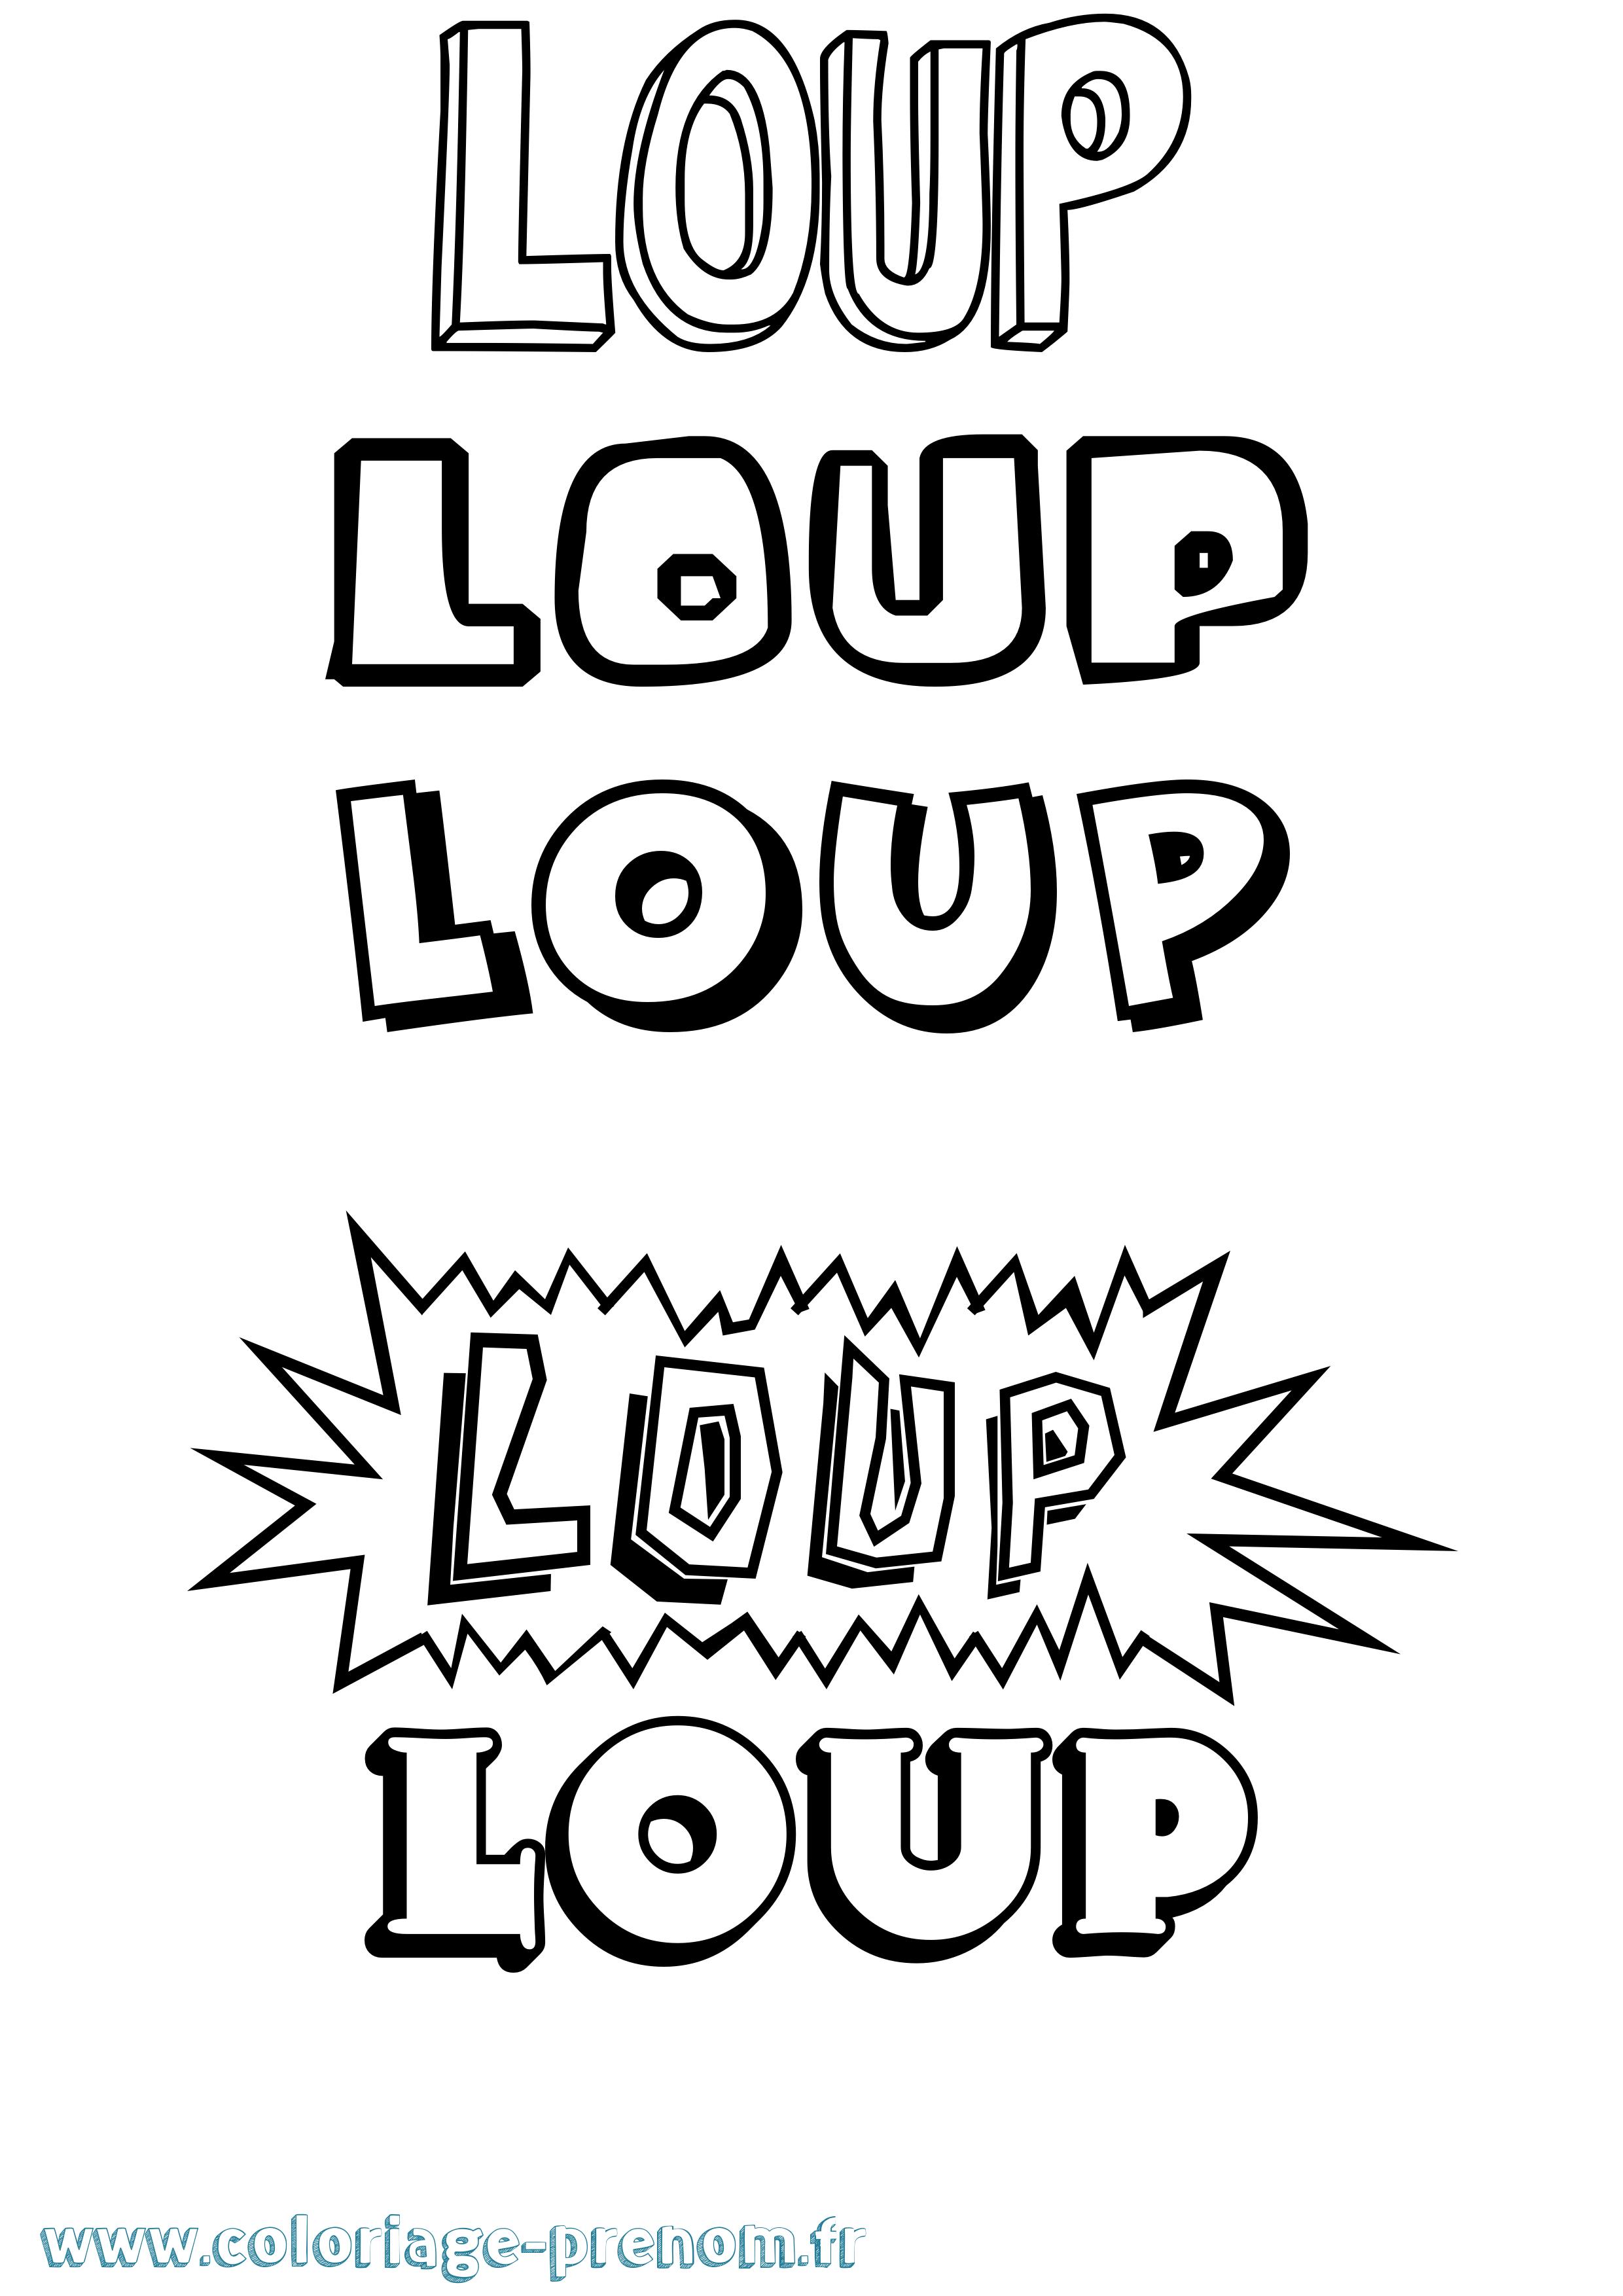 Coloriage du prénom Loup : à Imprimer ou Télécharger ...